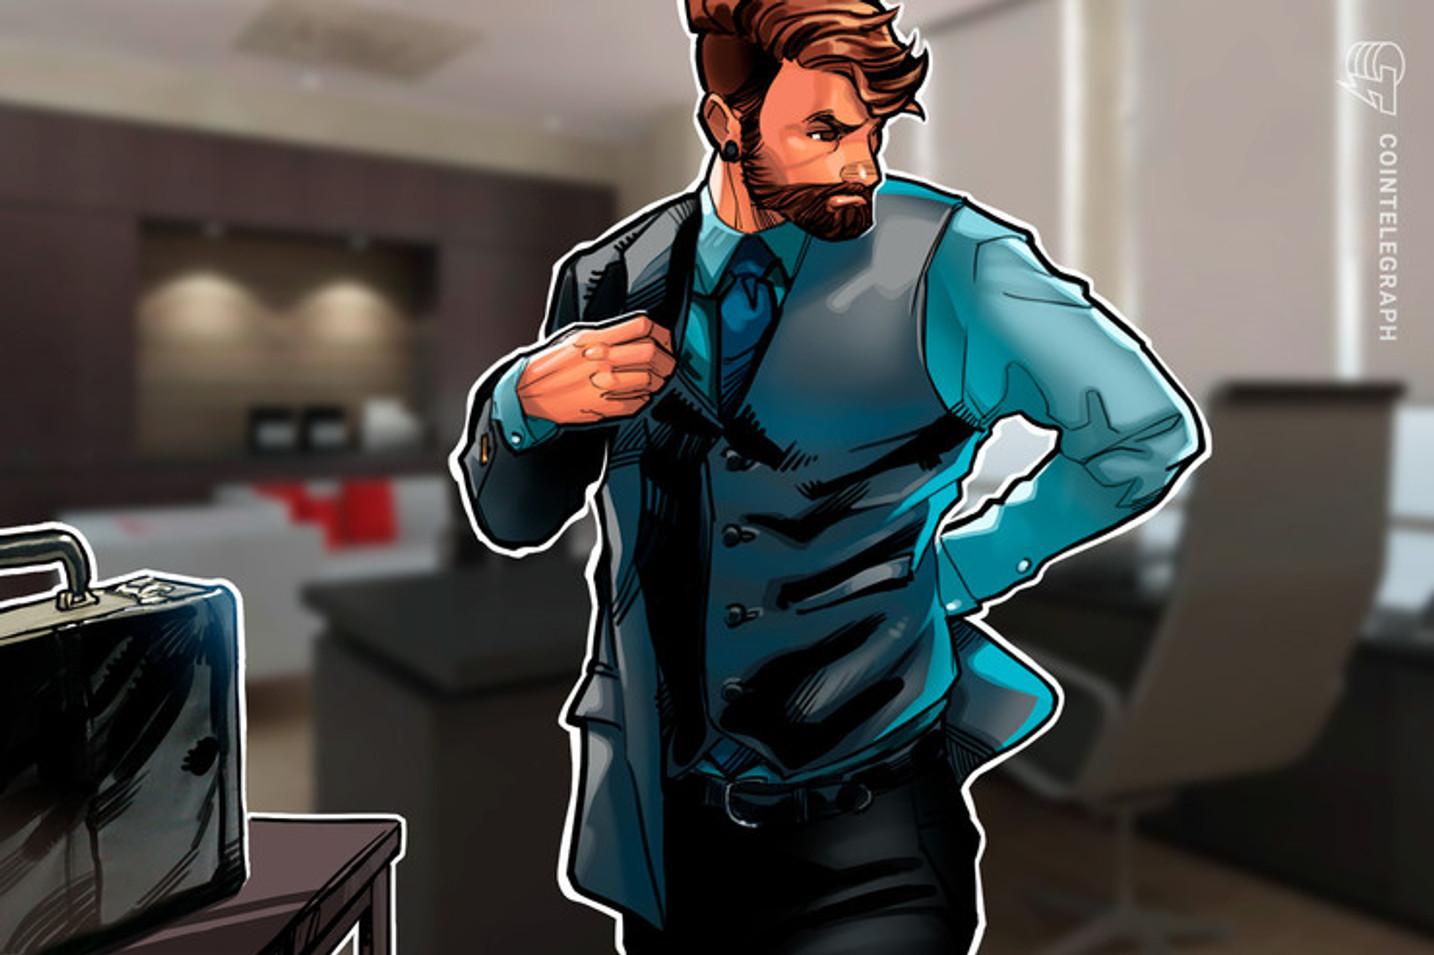 Baas.Business ist Pleite: Mobilcom-Gründer Schmid scheitert mit Blockchain-Startup